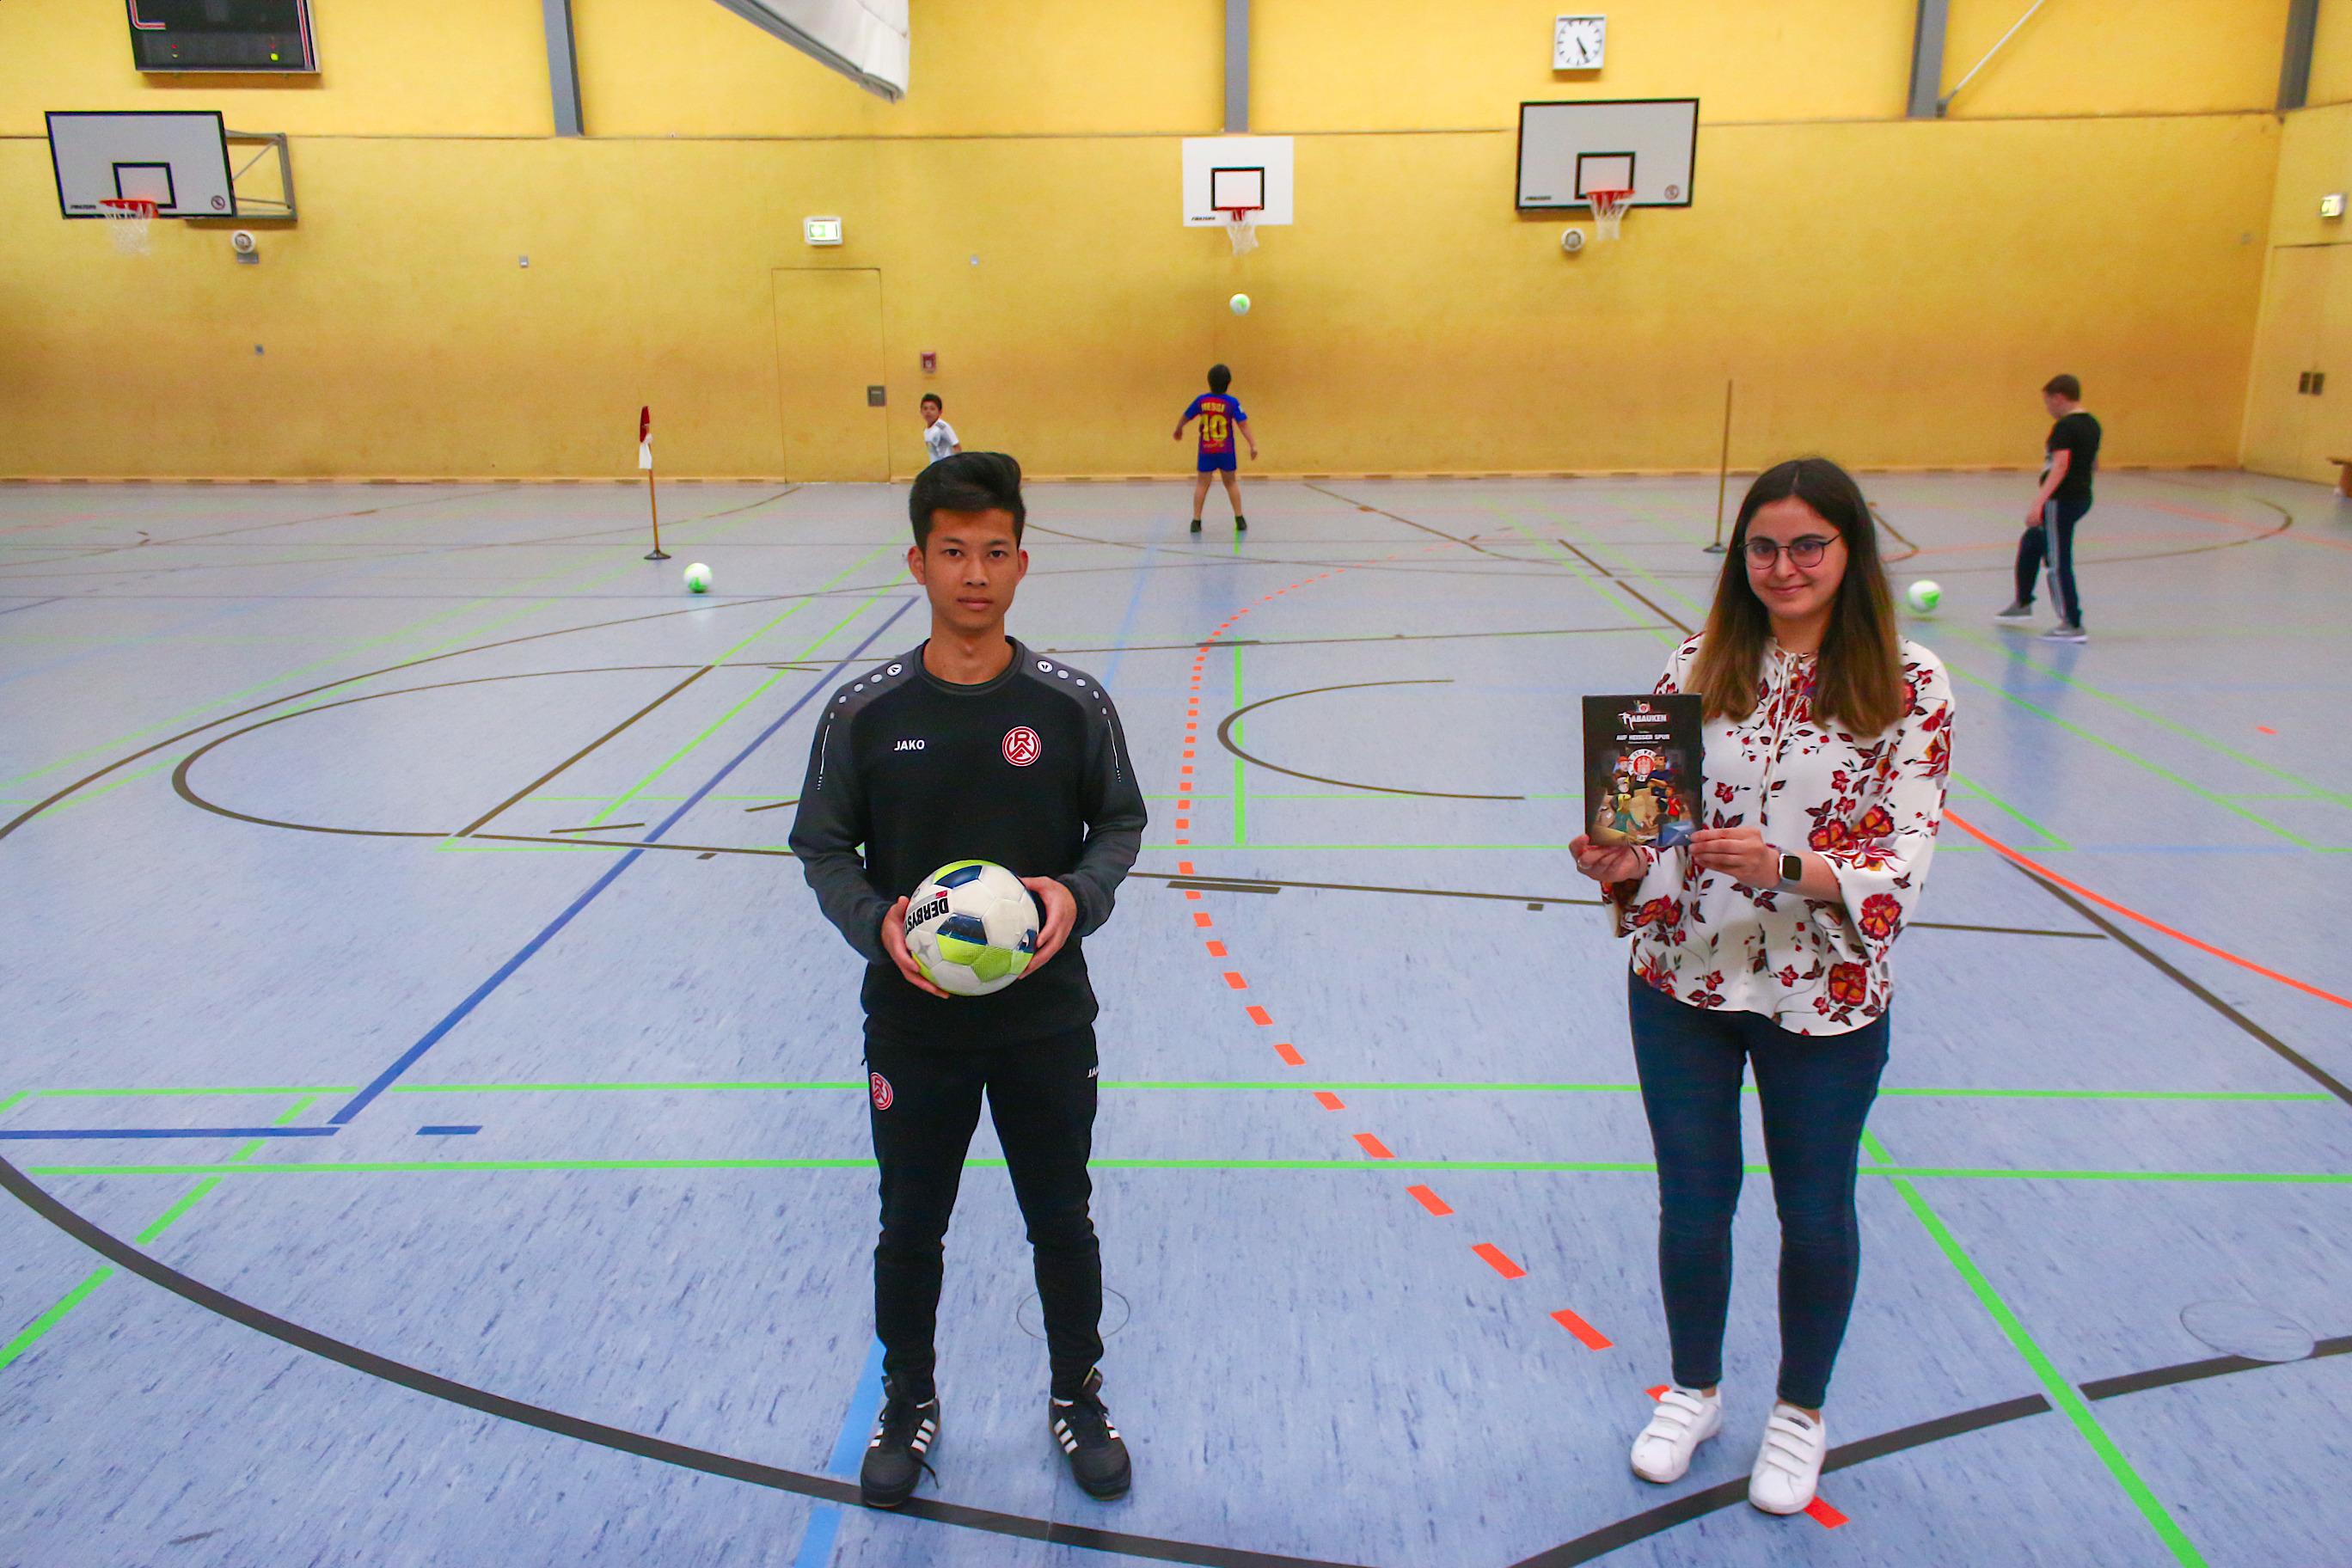 Kicken und Lernen in einer runden Kombi: RWE-Jugendtrainer Qiang Li (li.) und Fußball-trifft-Kultur-Lehrerin Büsra Sahin haben an der Gesamtschule Nord das Ferienprogramm für die Vogelheimer Kinder durchgeführt. Foto: Müller/EC